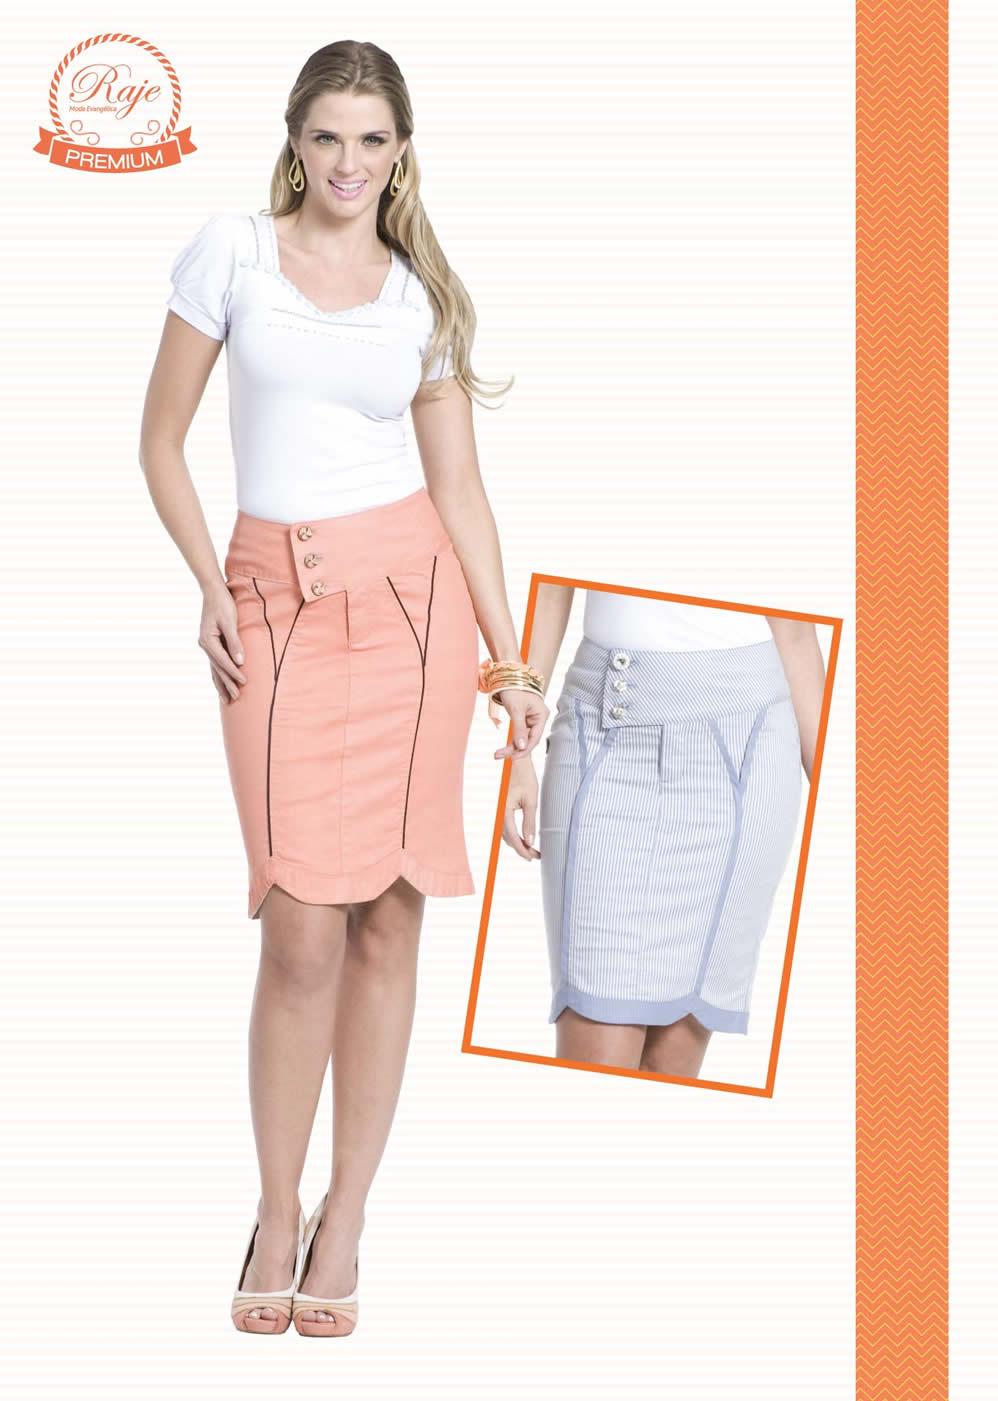 Jeans Moda Evangélica: Coleção Primavera Verão 2014 - Raje Moda ...